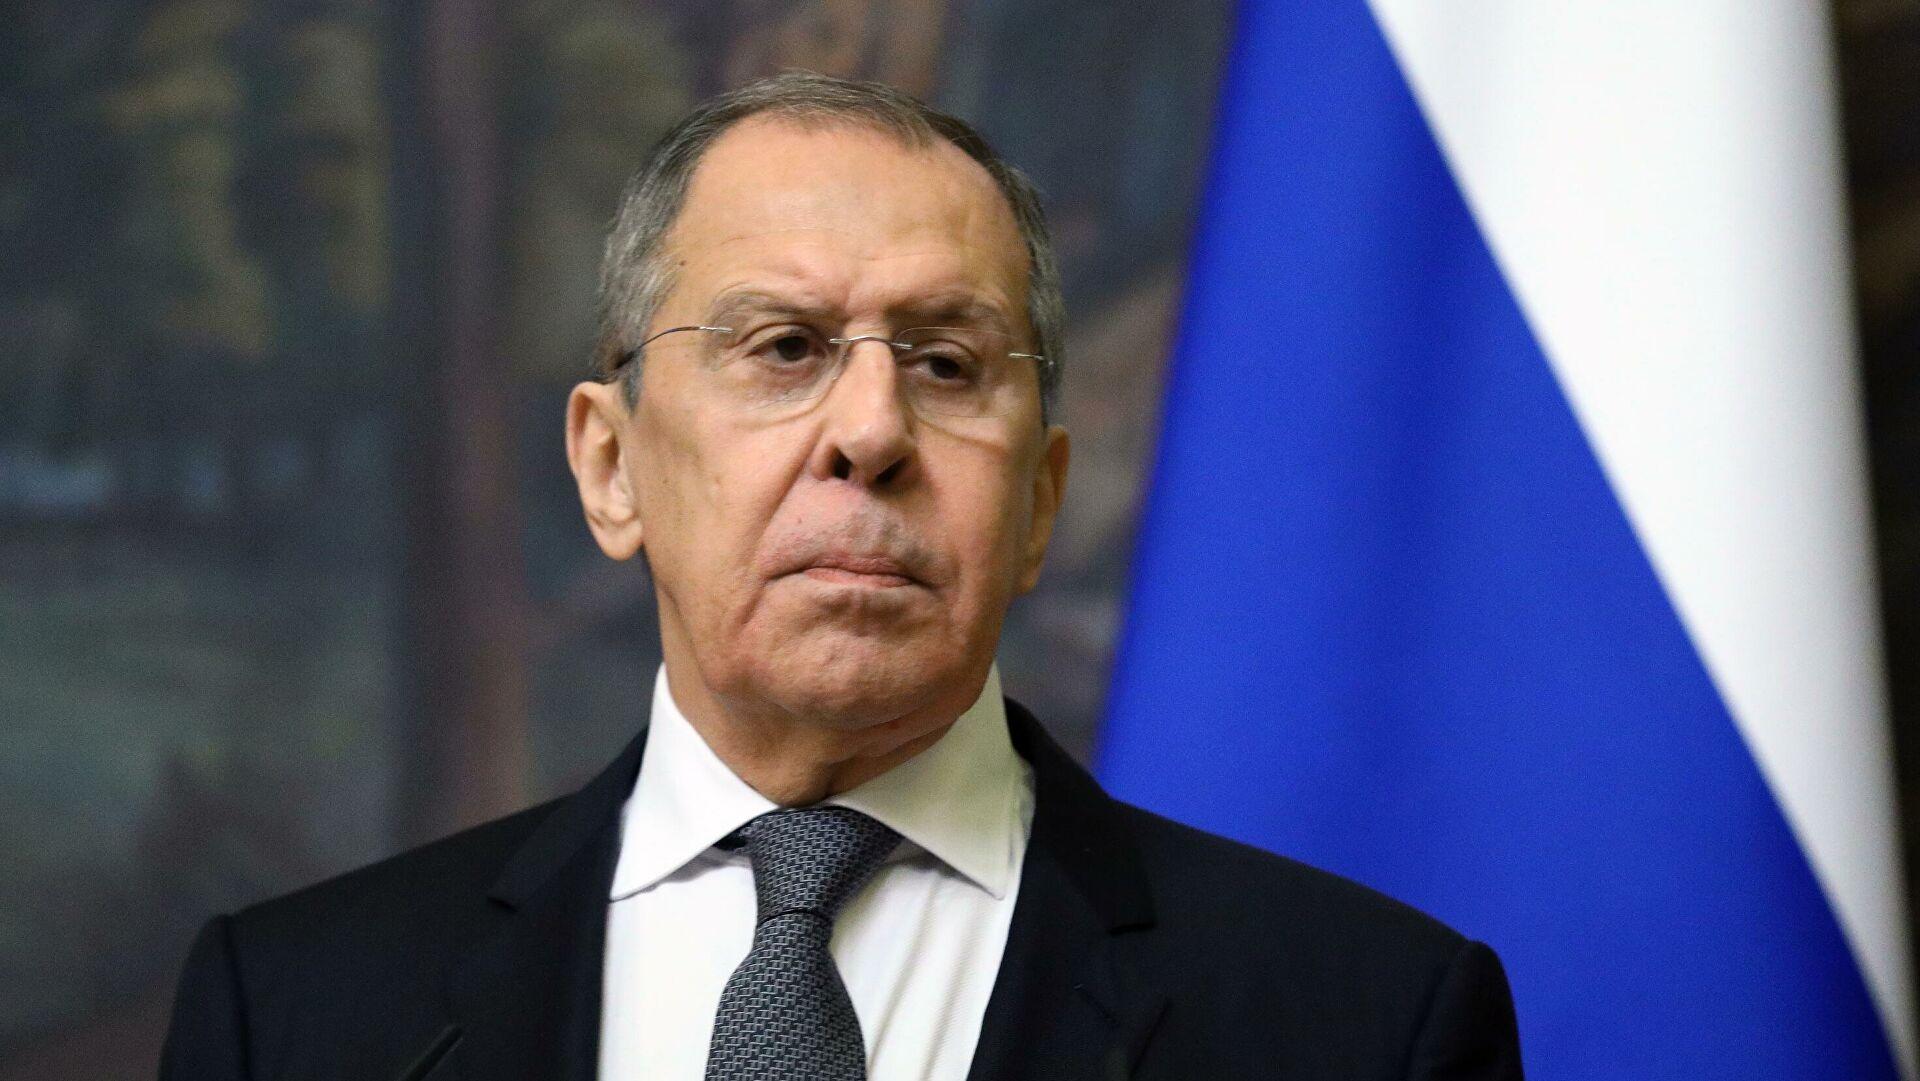 Лавров заявил о готовности к разрыву отношений с ЕС из-за новых санкций